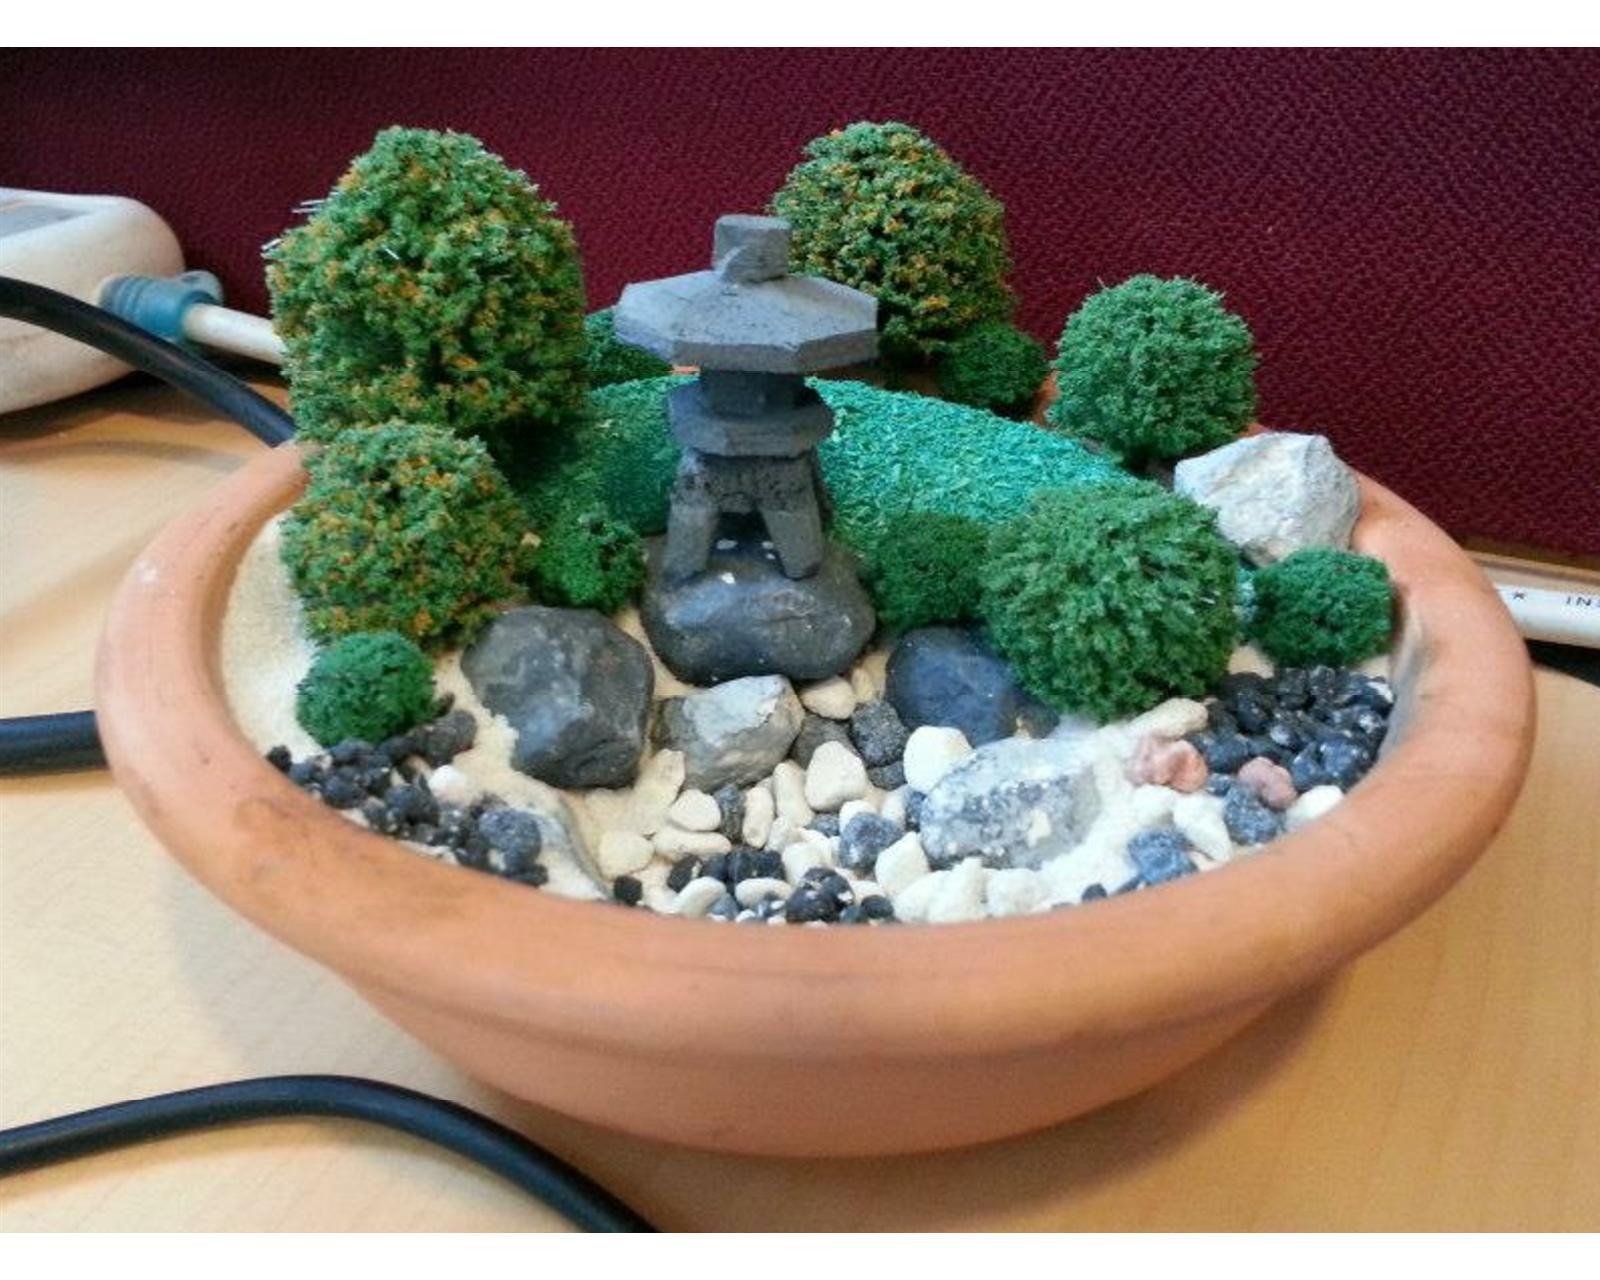 Mini Zen Garden  A Desktop Miniature Zen Garden Arrangement